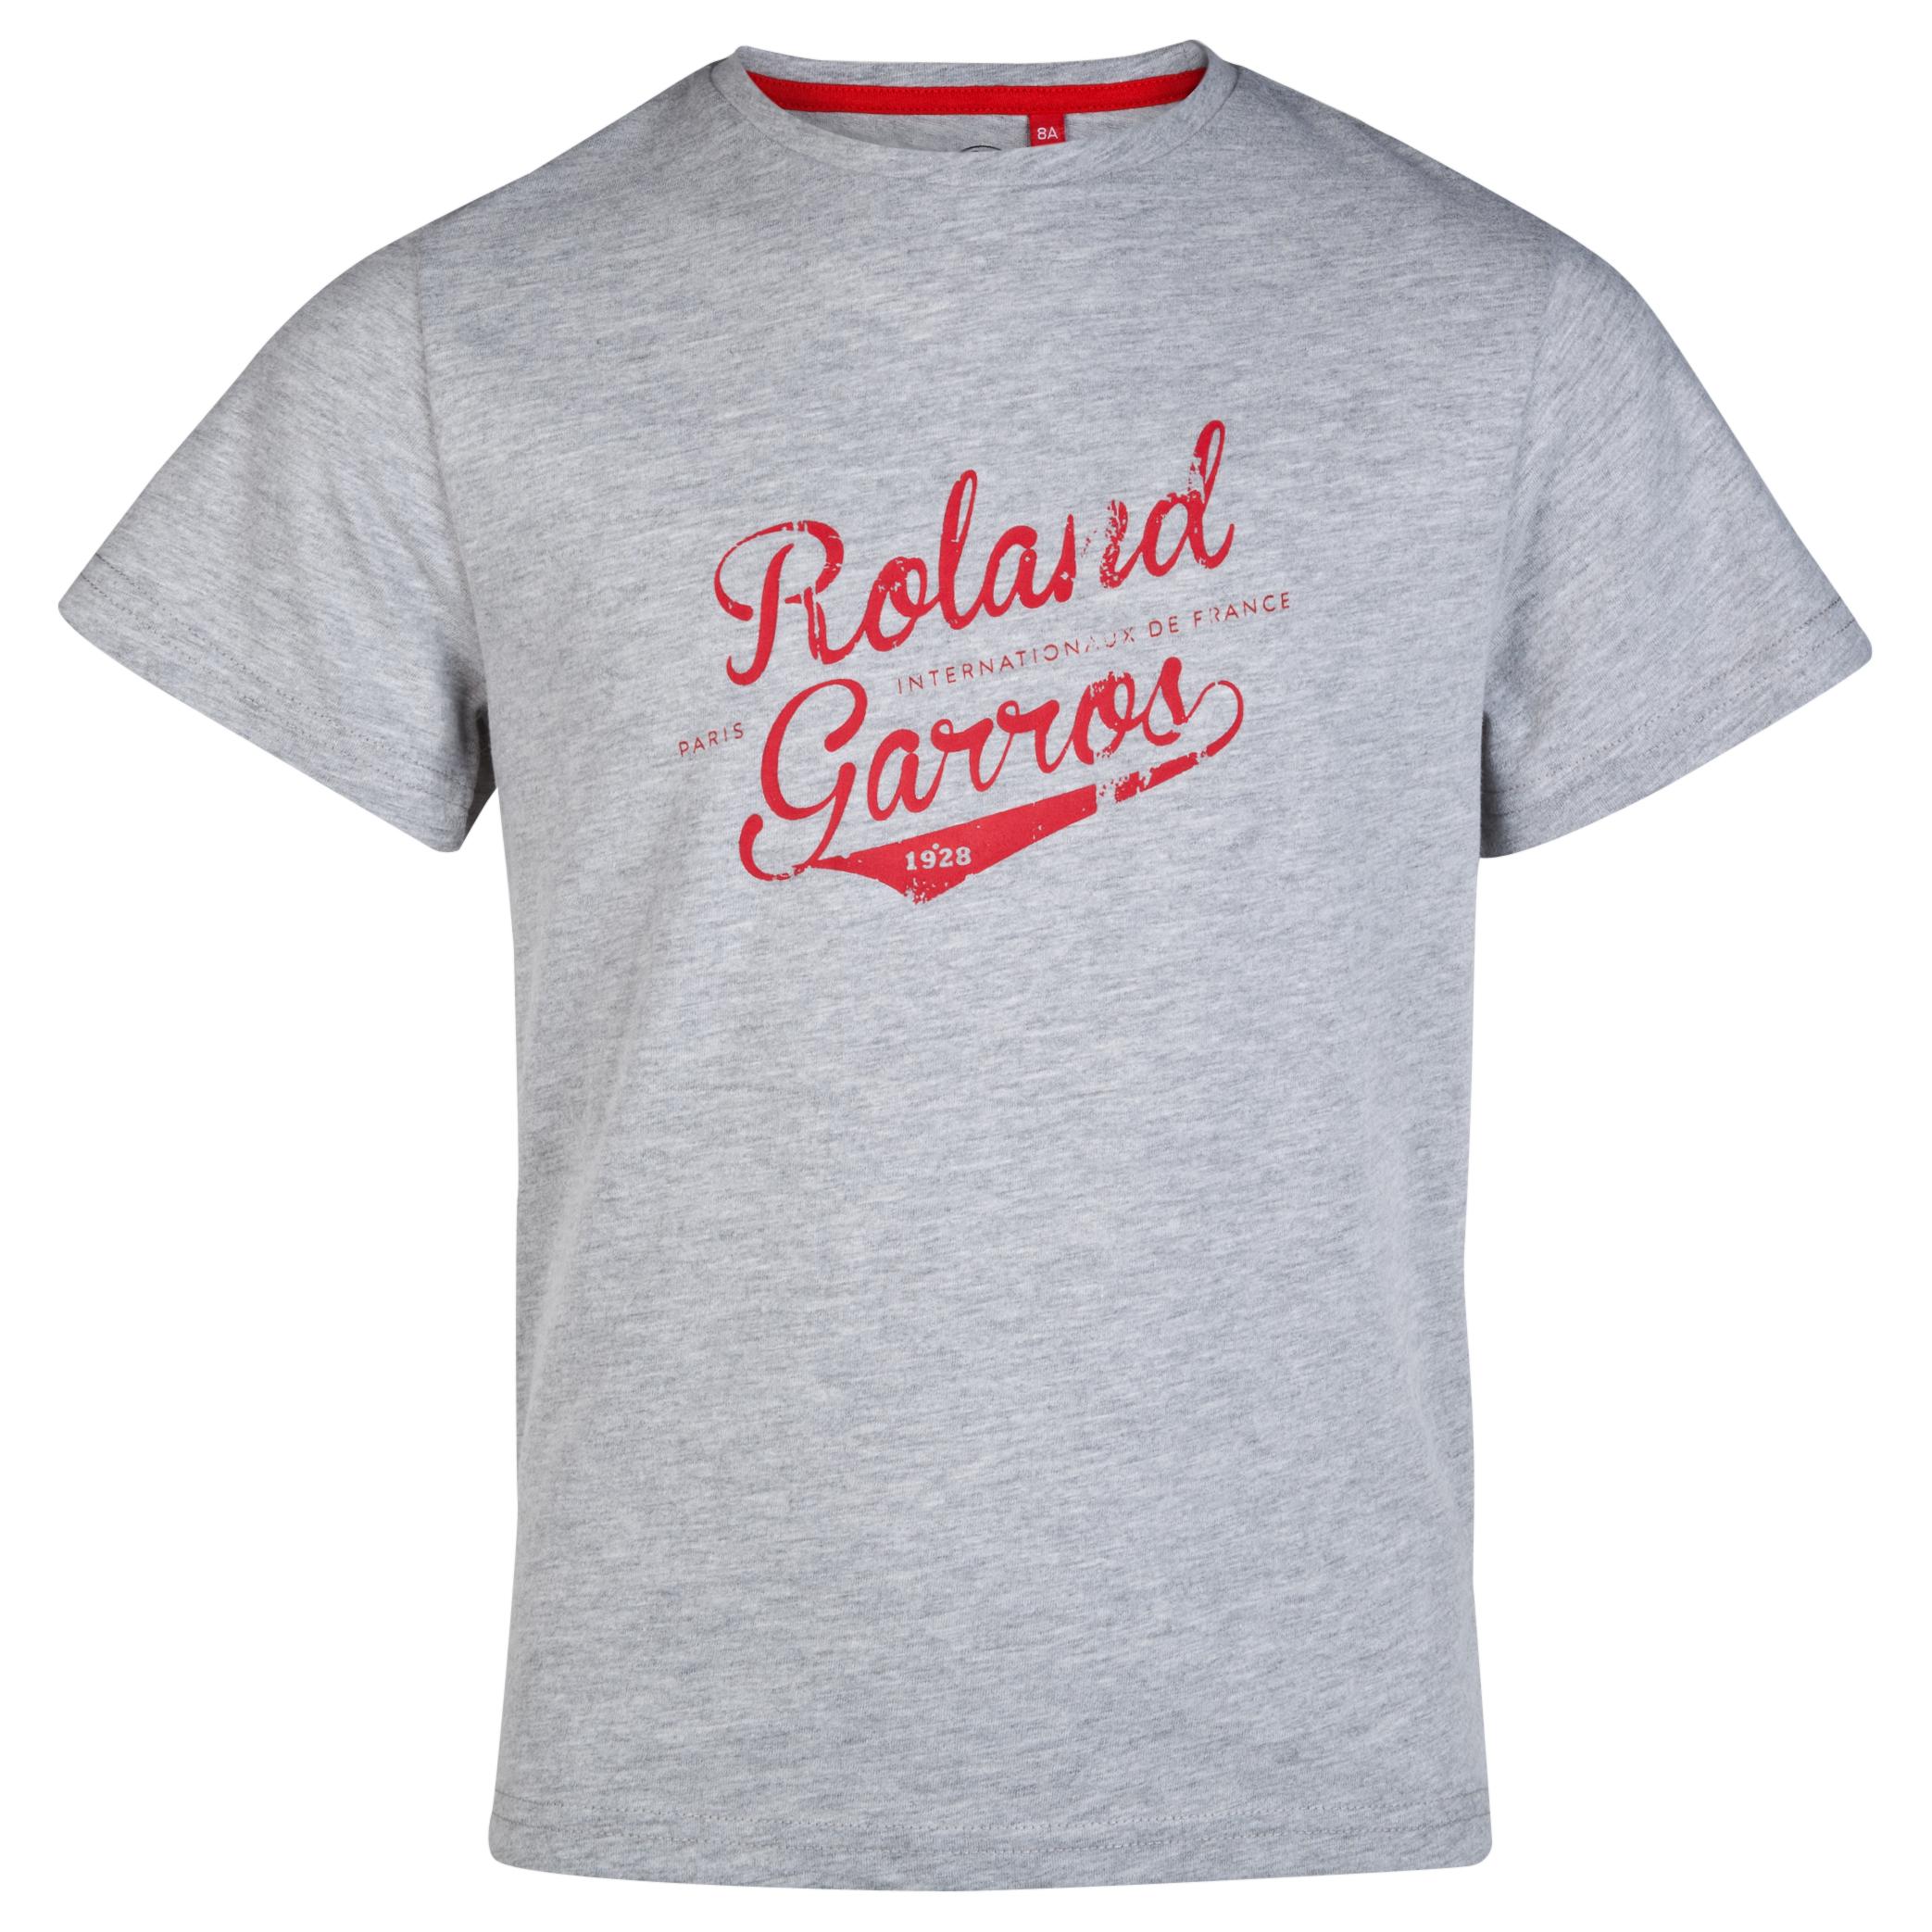 Roland-Garros Alvarres Vintage T-Shirt - Boys Grey